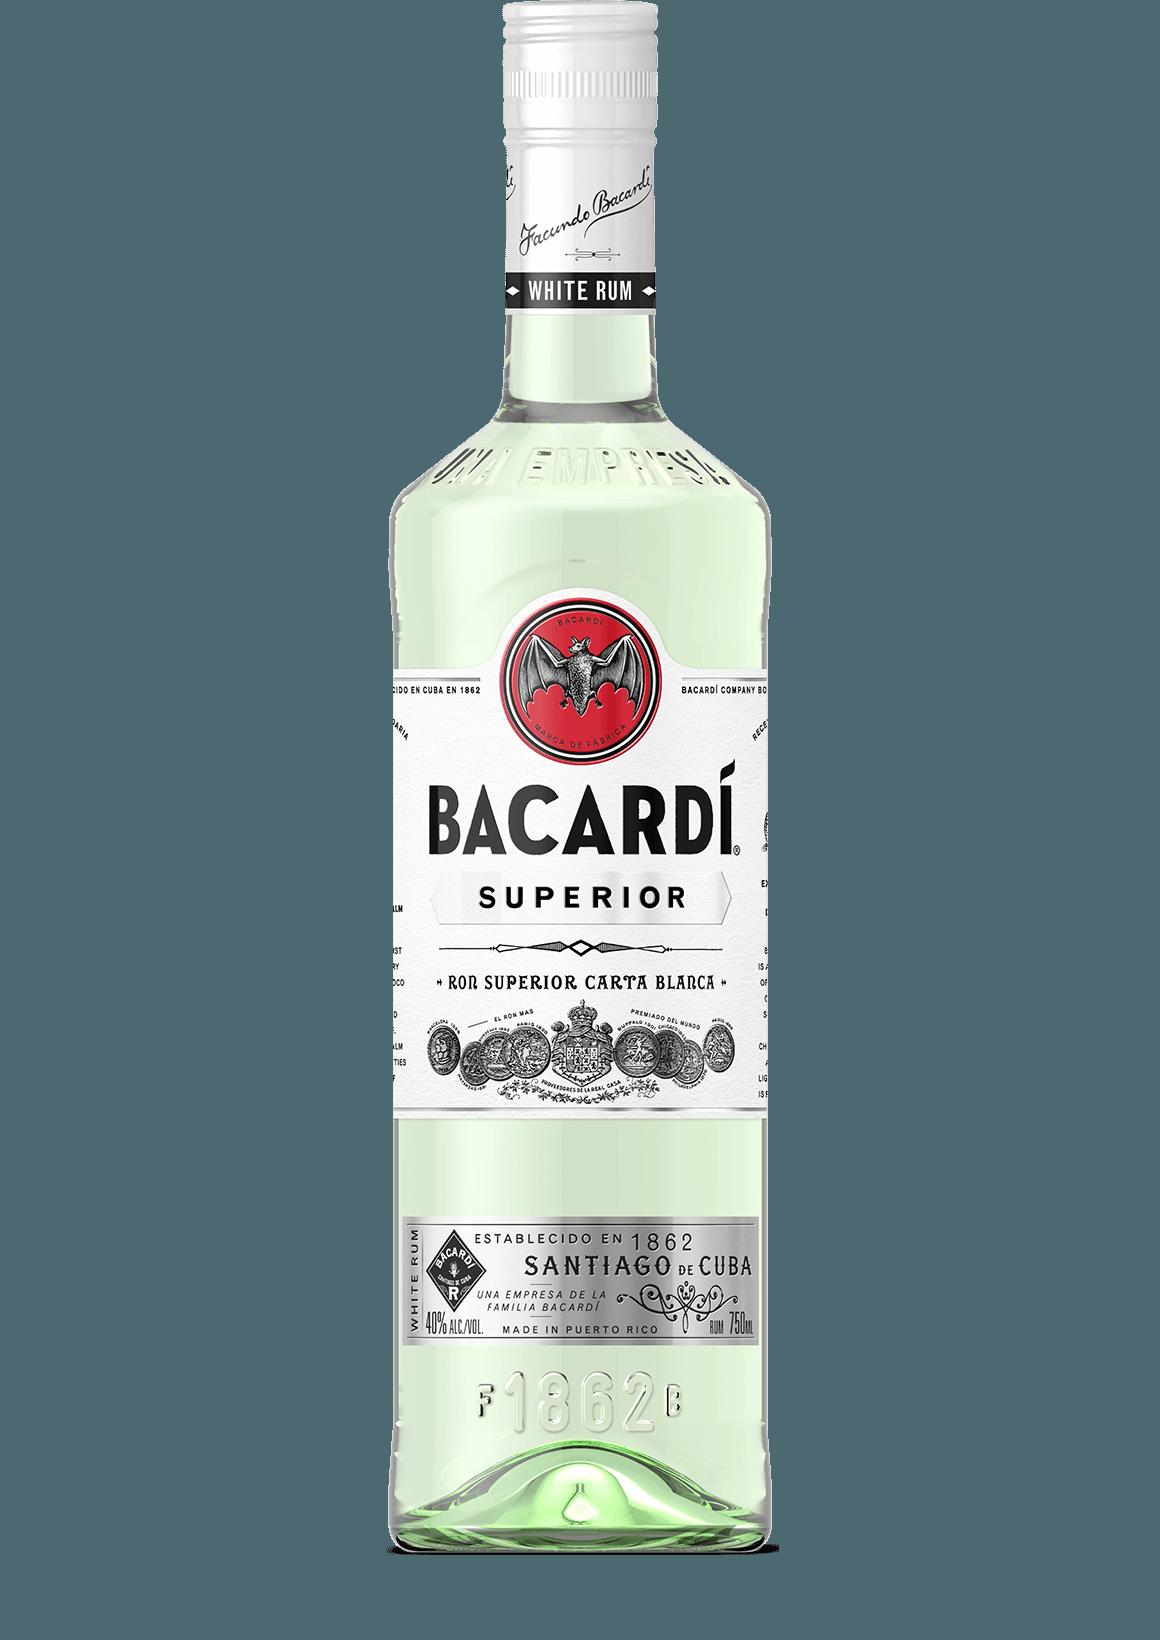 Bacardi Drink In Lagos Crux Distribution Limited No 1 Bacardi Drink Distribution company in Lagos Nigeria Bacardi- BACARDÍ rum